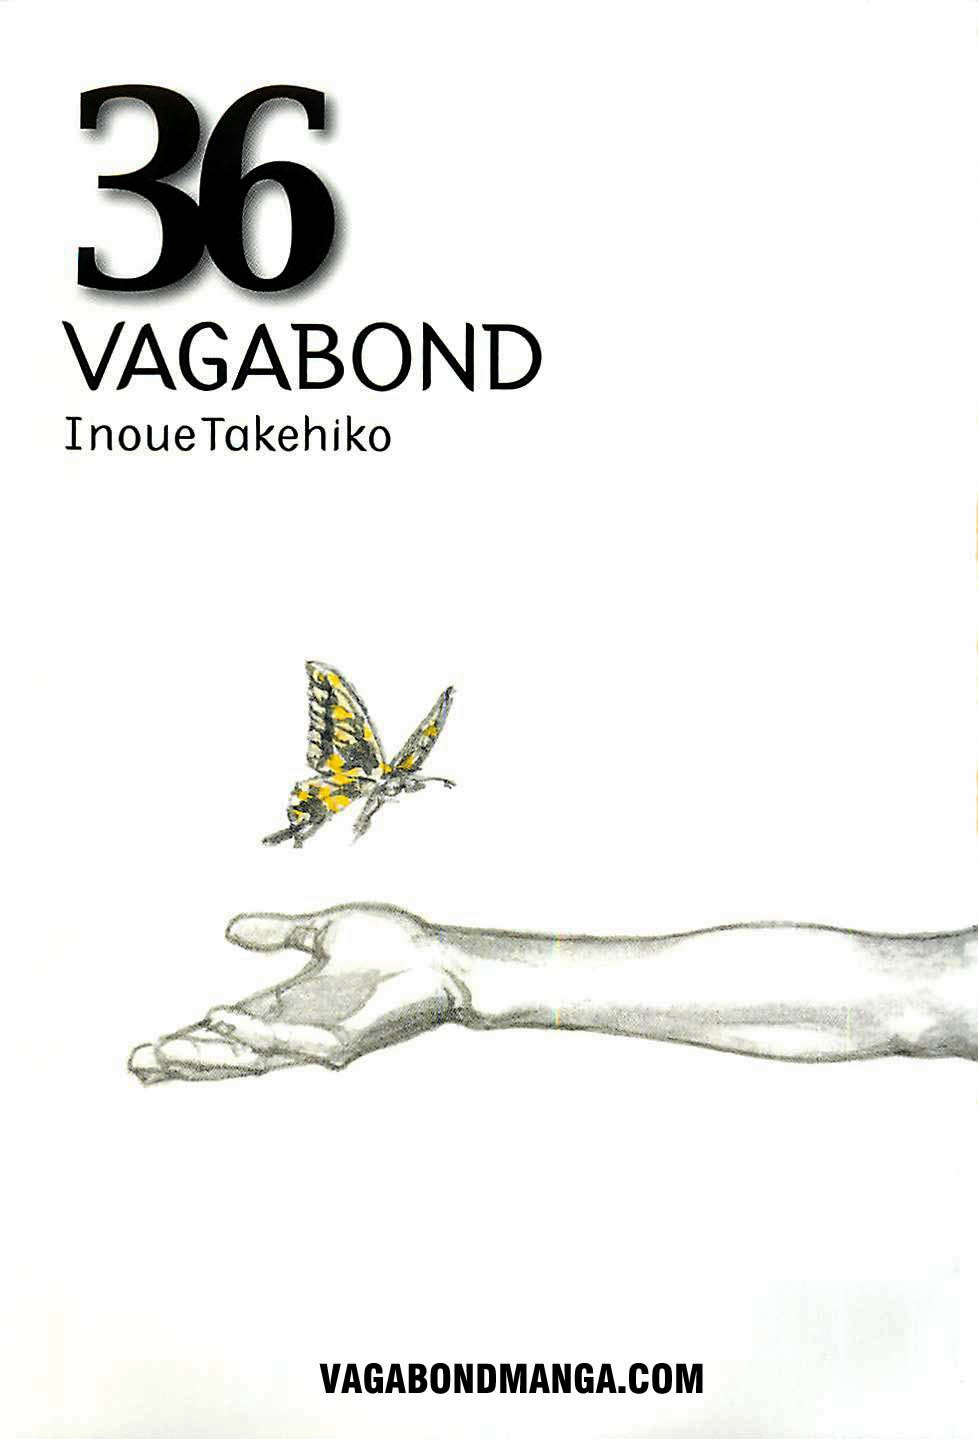 Vagabond - Lãng khách chap 310